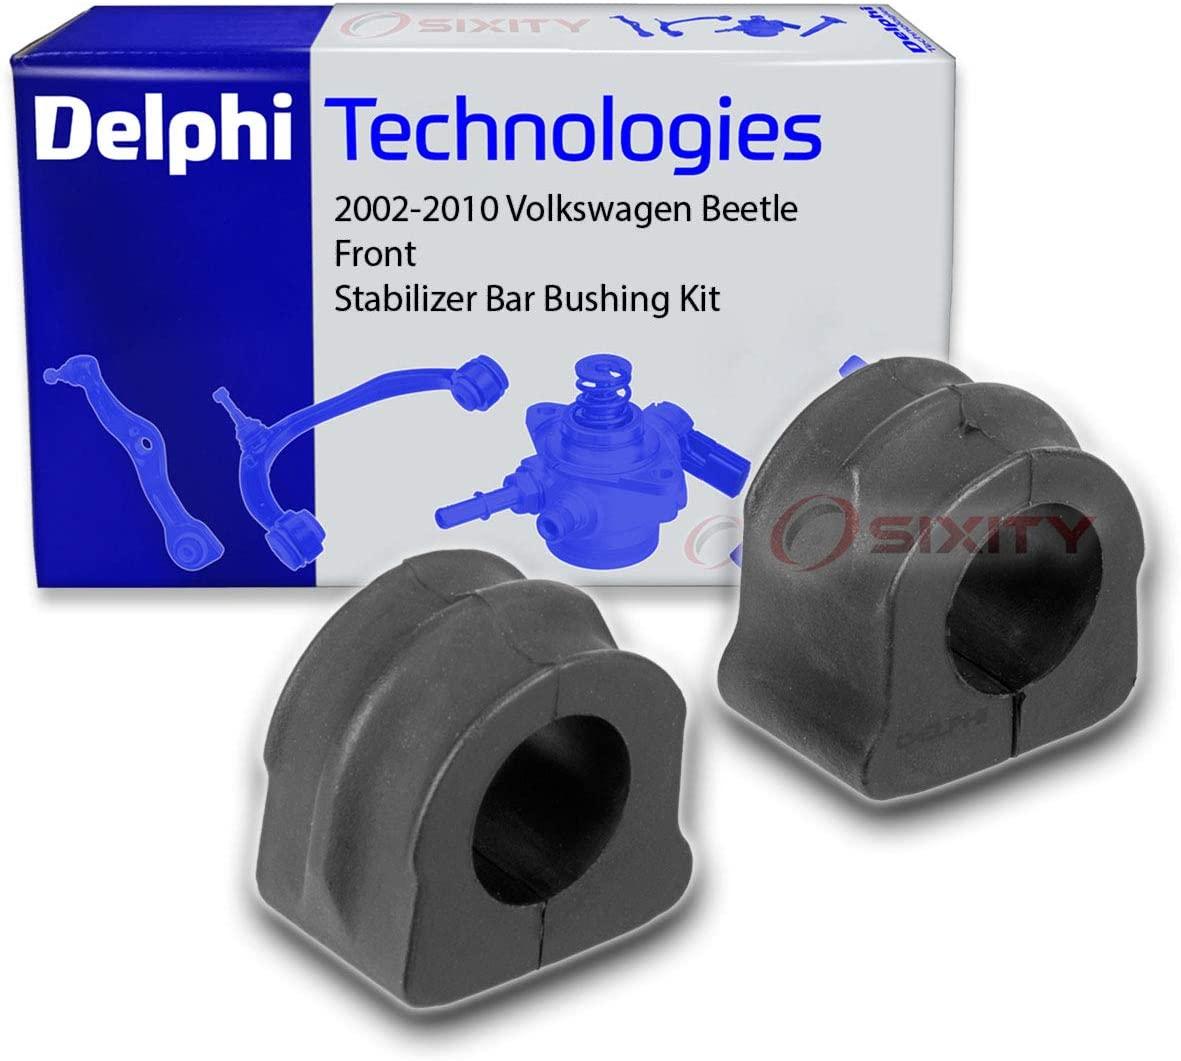 Delphi Front Stabilizer Bar Bushing Kit for 2002-2010 Volkswagen Beetle - Suspension Shock Strut Ride